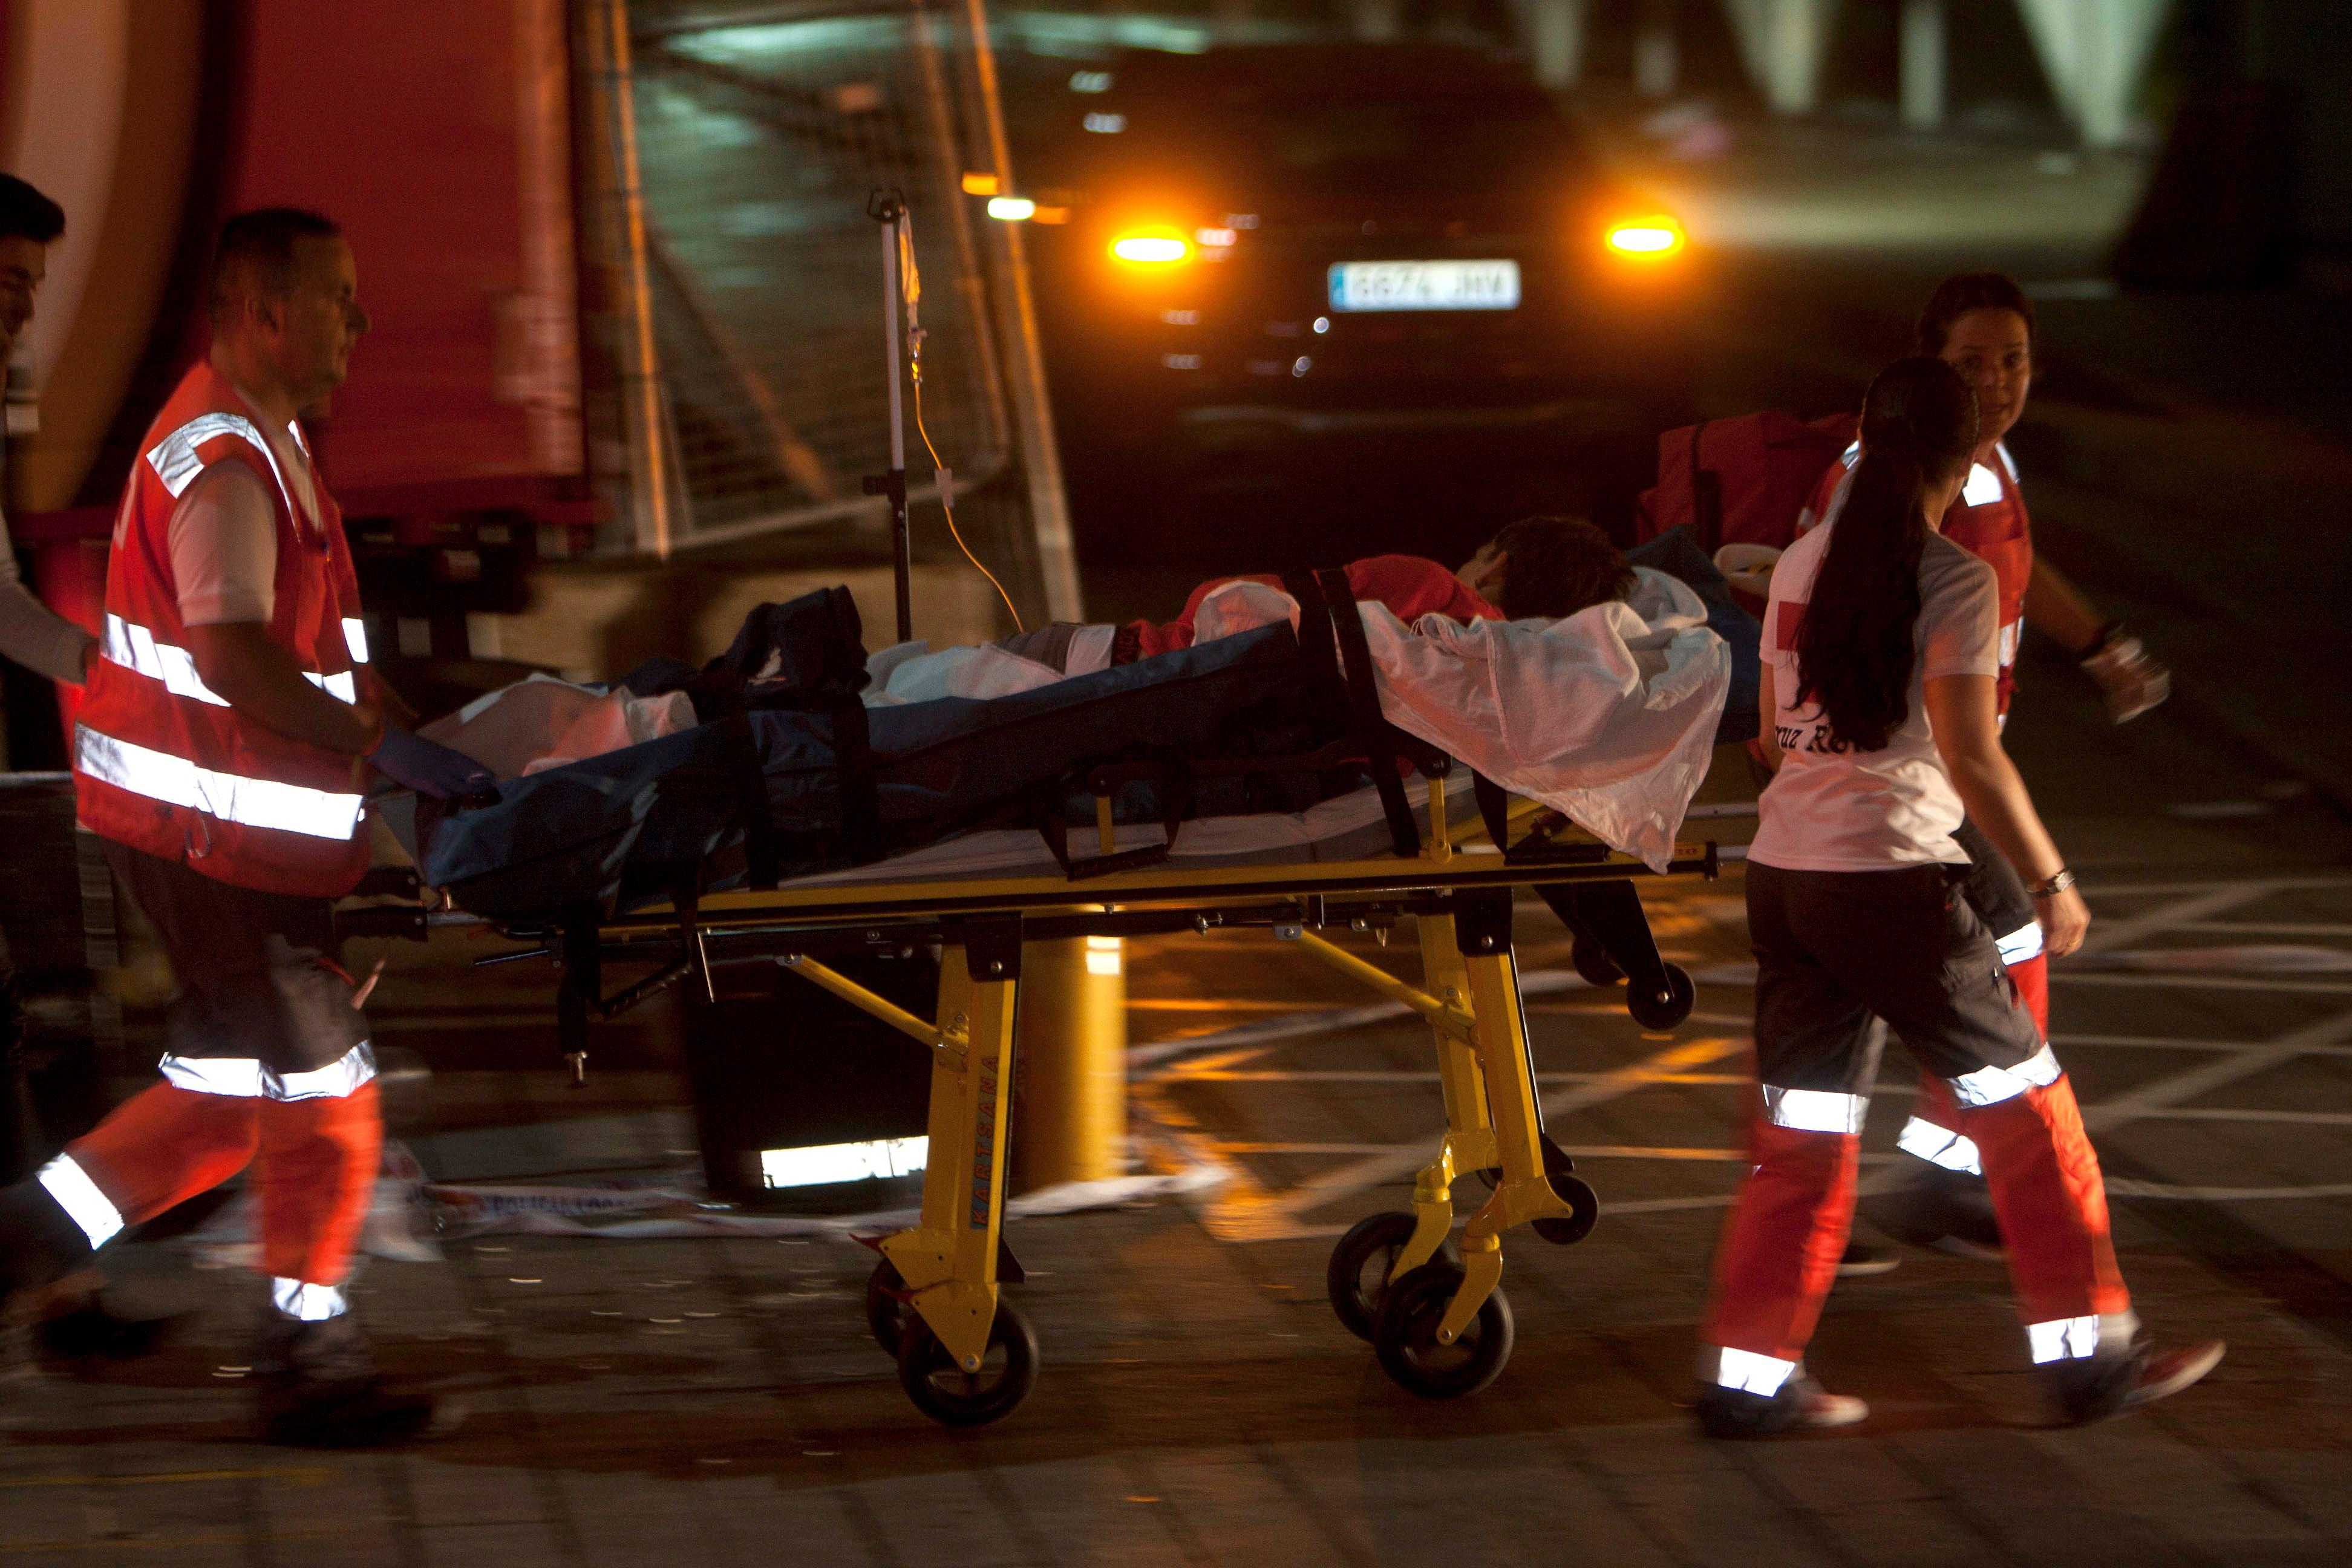 Podium stort in op Spaans festival: 300 gewonden